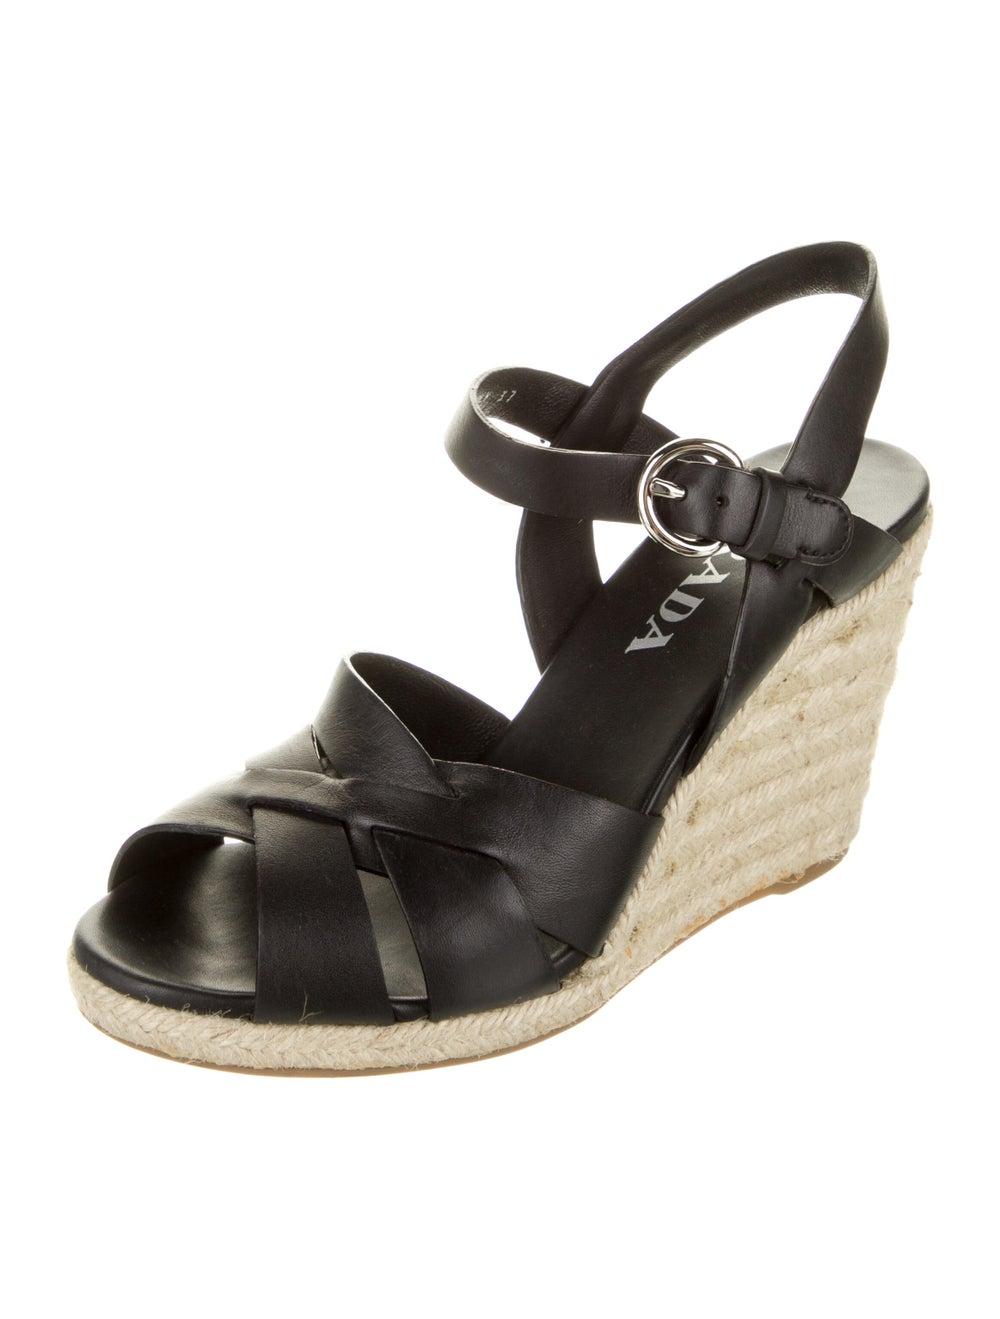 Prada Leather Espadrilles Black - image 2